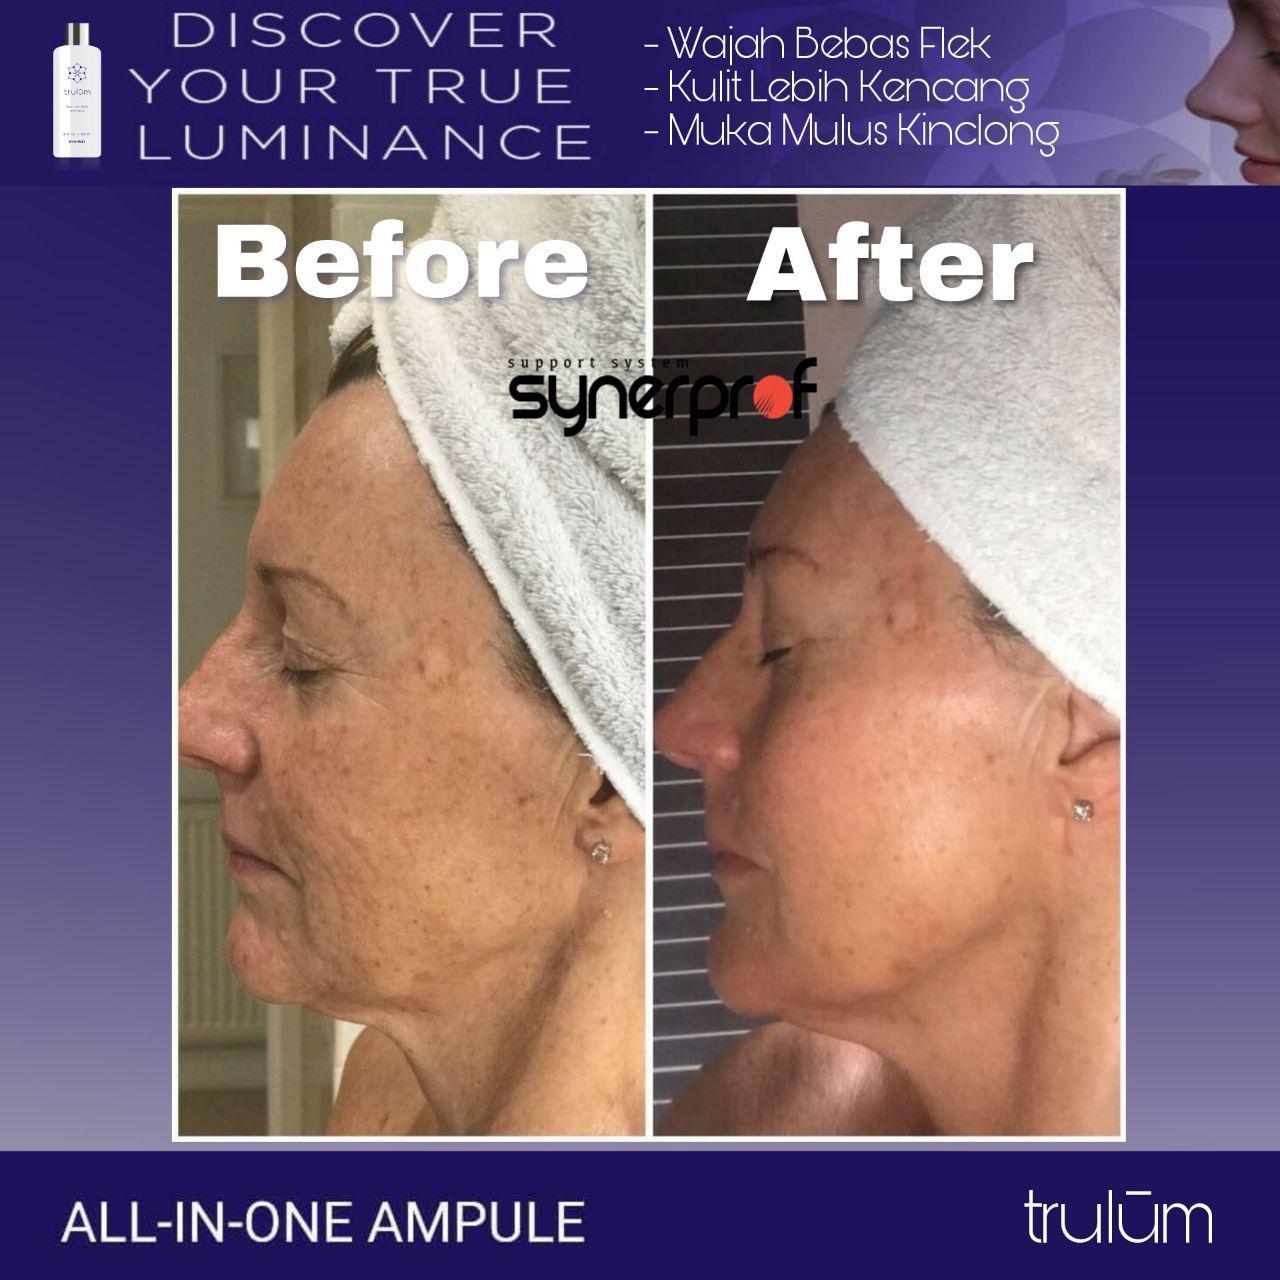 Klinik Kecantikan Trulum Skincare Synergy Di Purus, Padang Barat WA: 08112338376